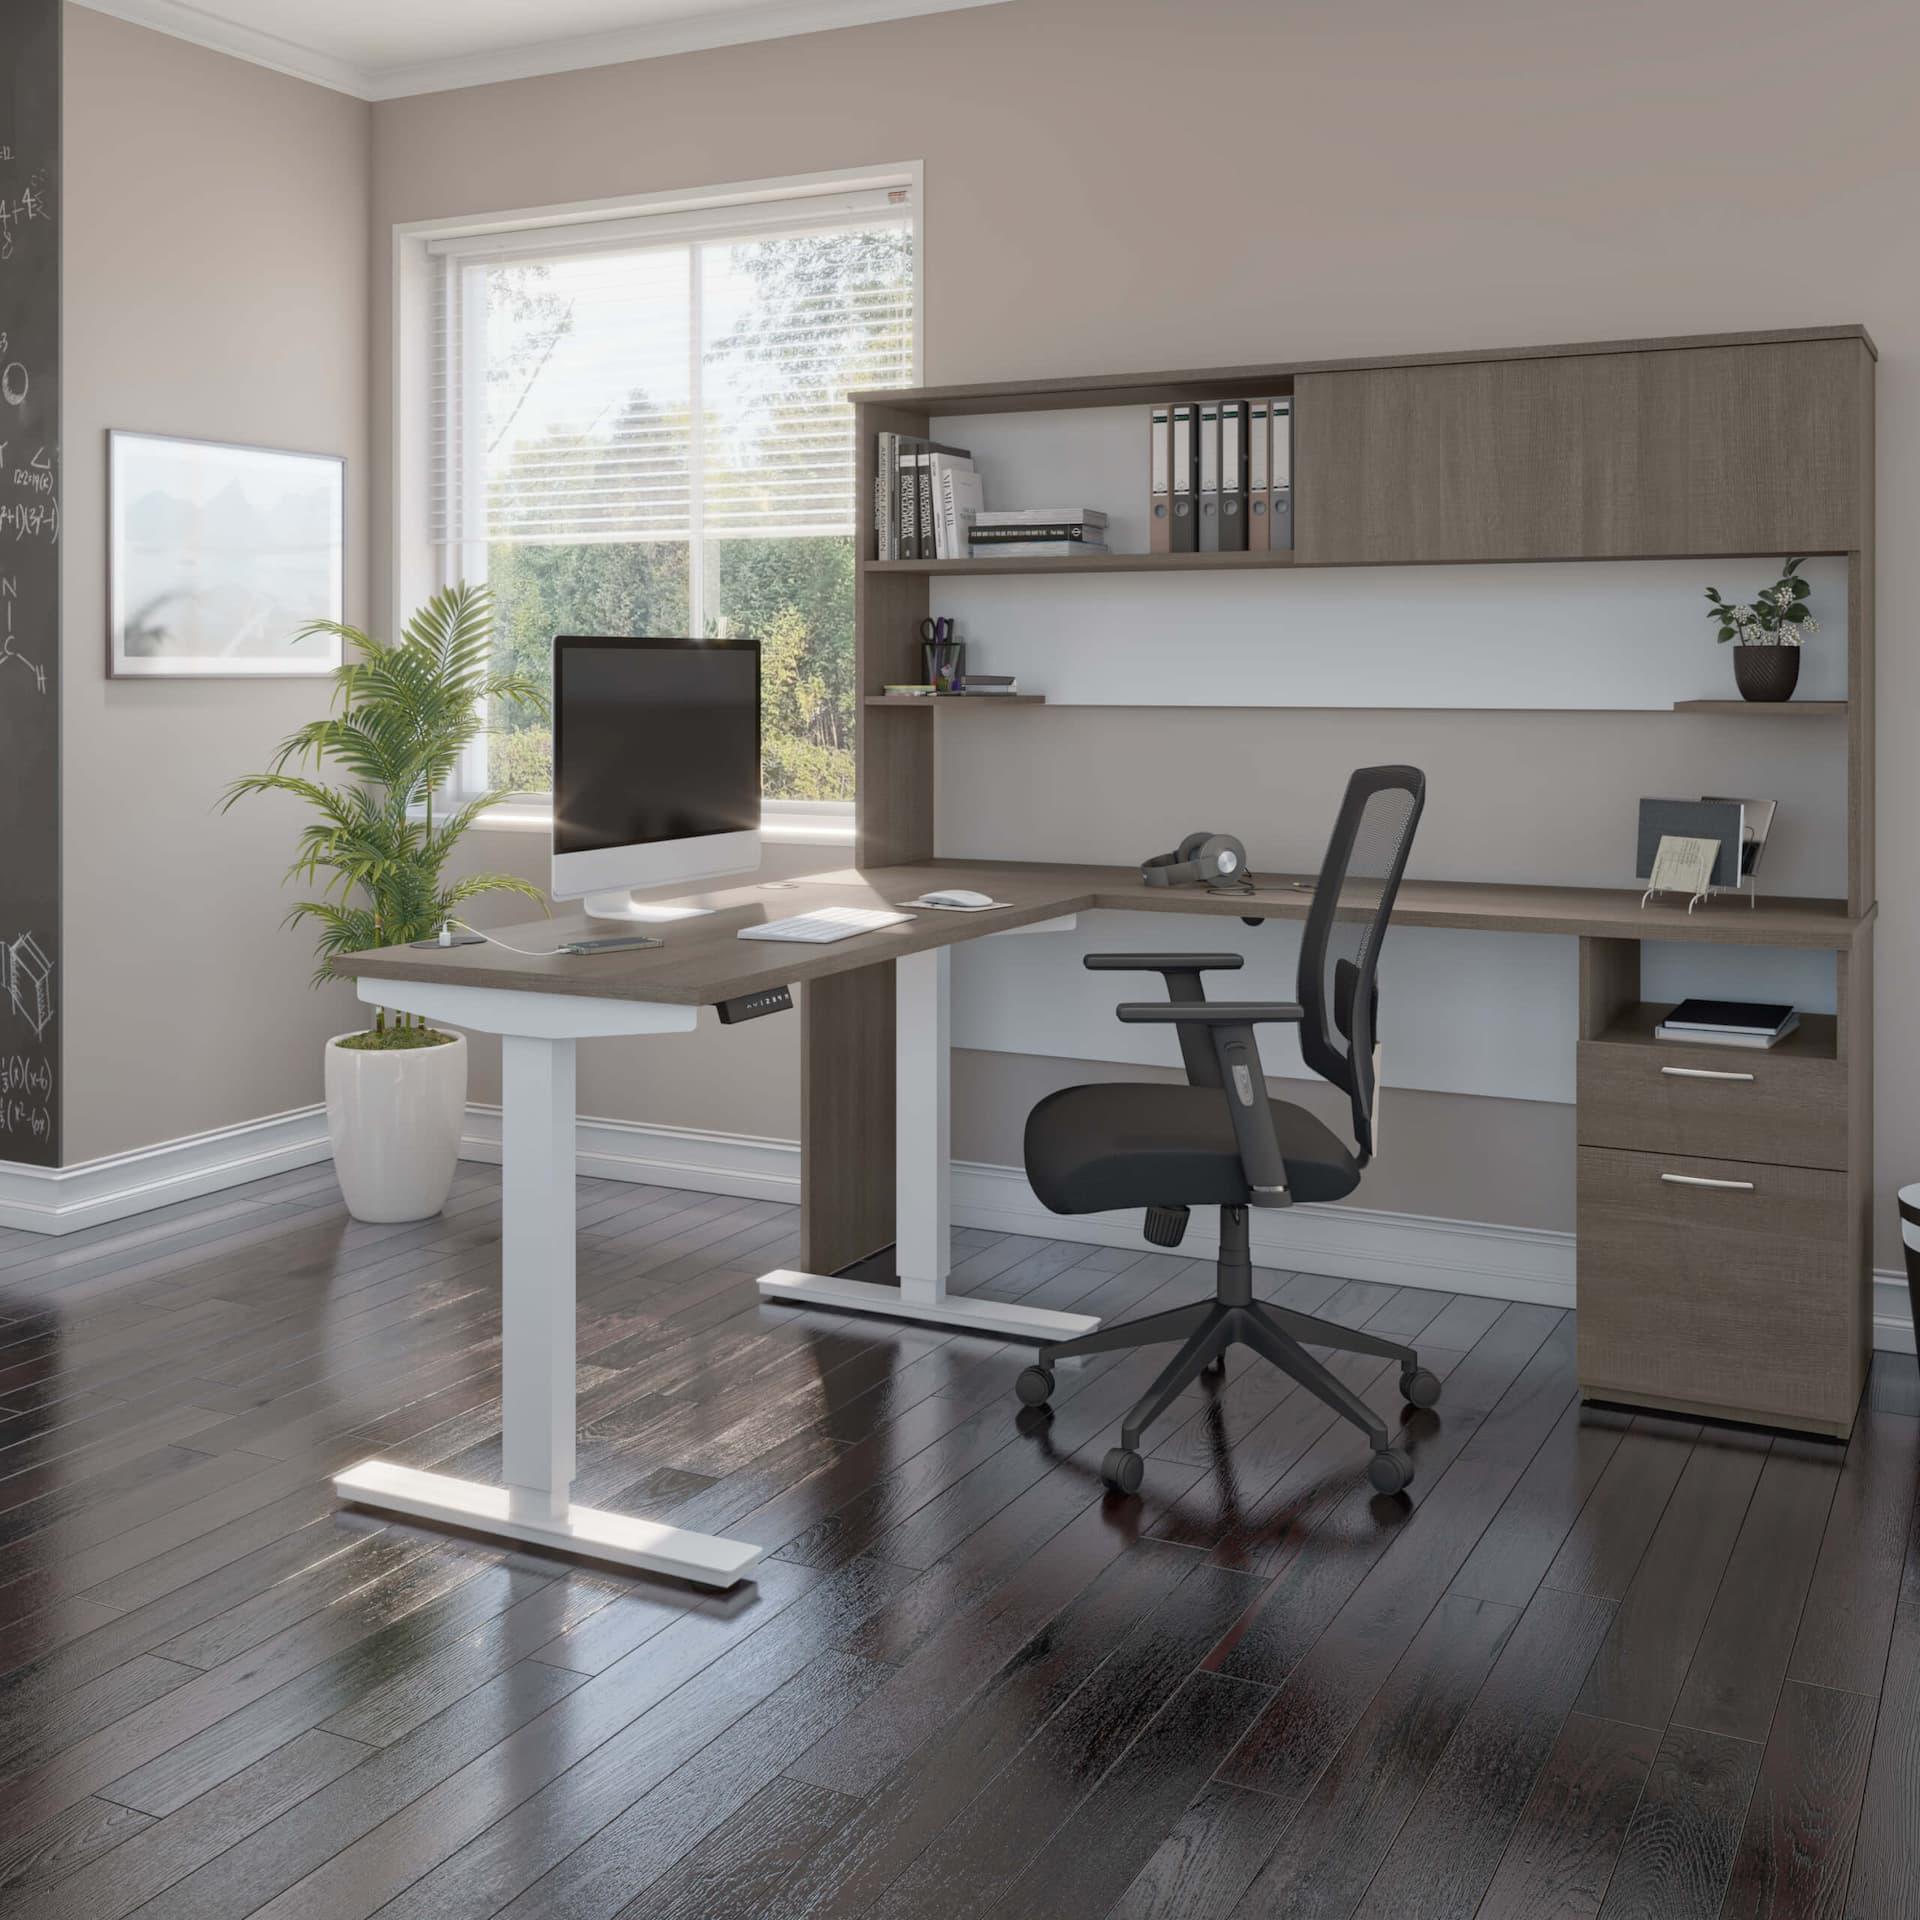 Bureau à domicile avec un bureau assis-debout en L